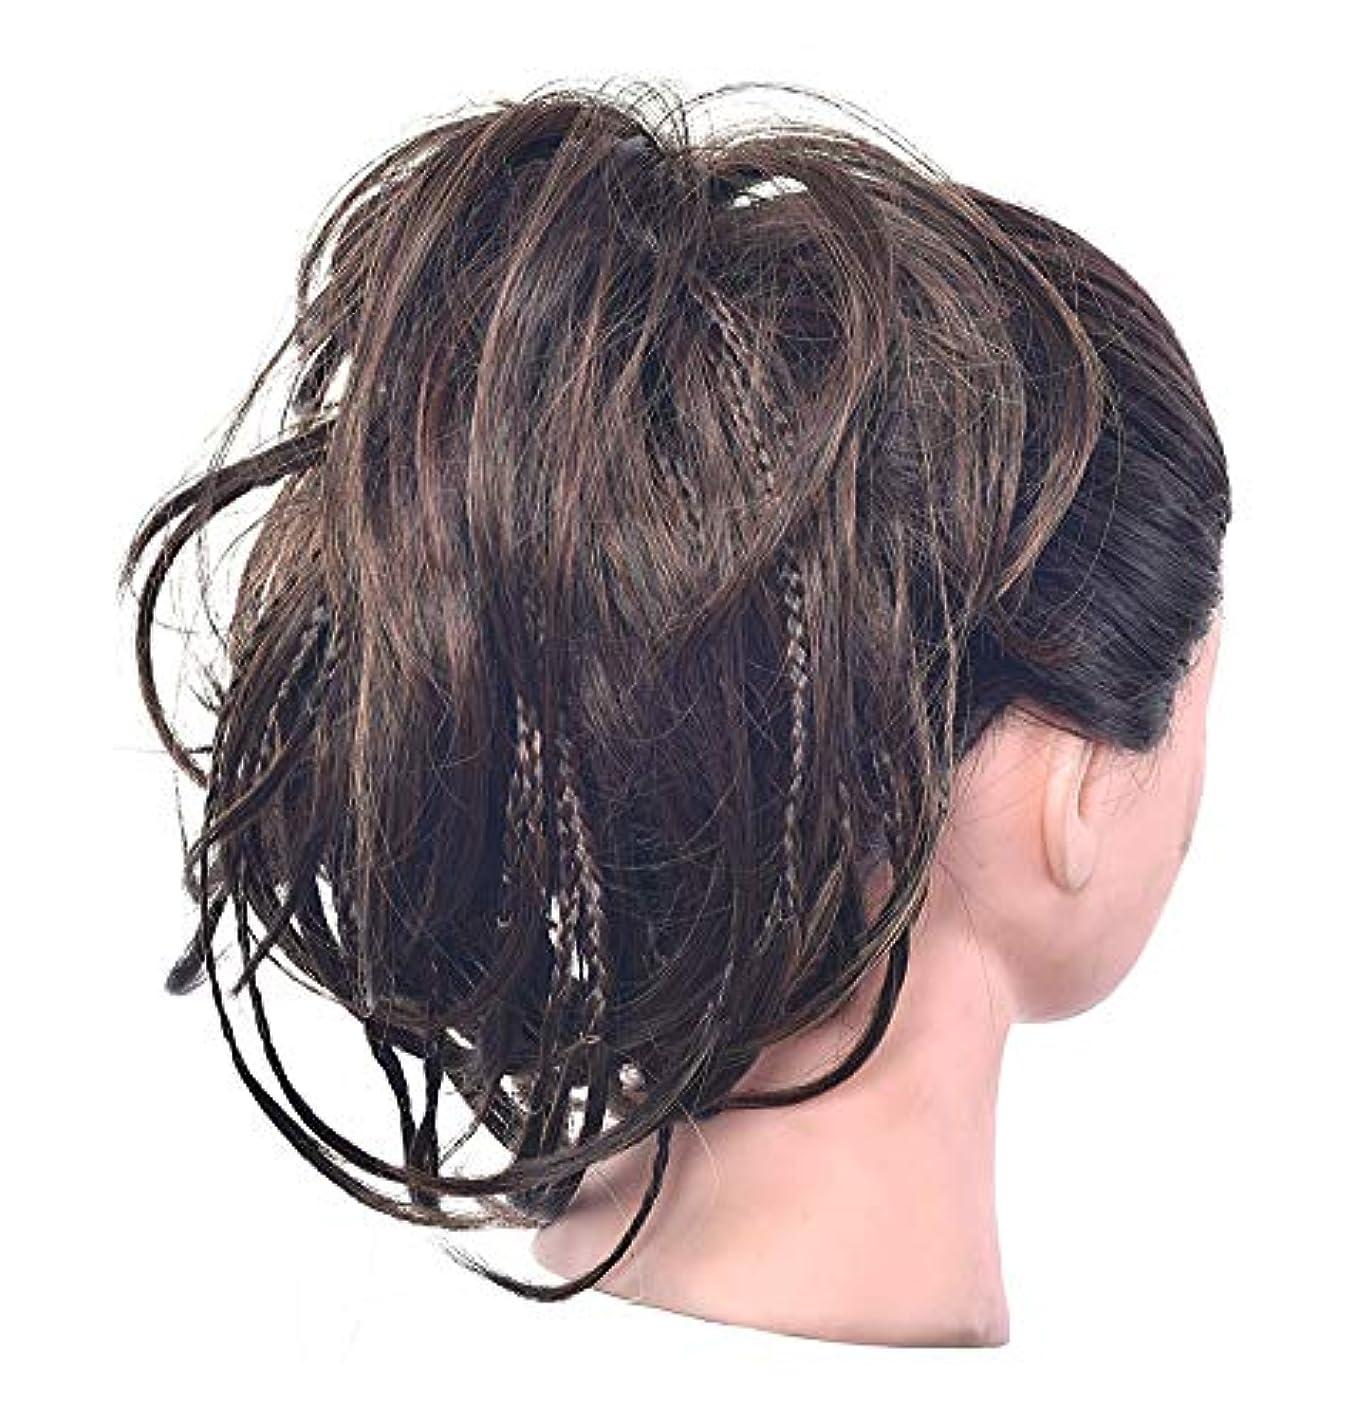 連続的合体今晩ポニーテールドーナツシニョンアップリボンアクセサリー、女性のためのカーリー波状の作品、乱雑なシュシュ毛のパン拡張機能